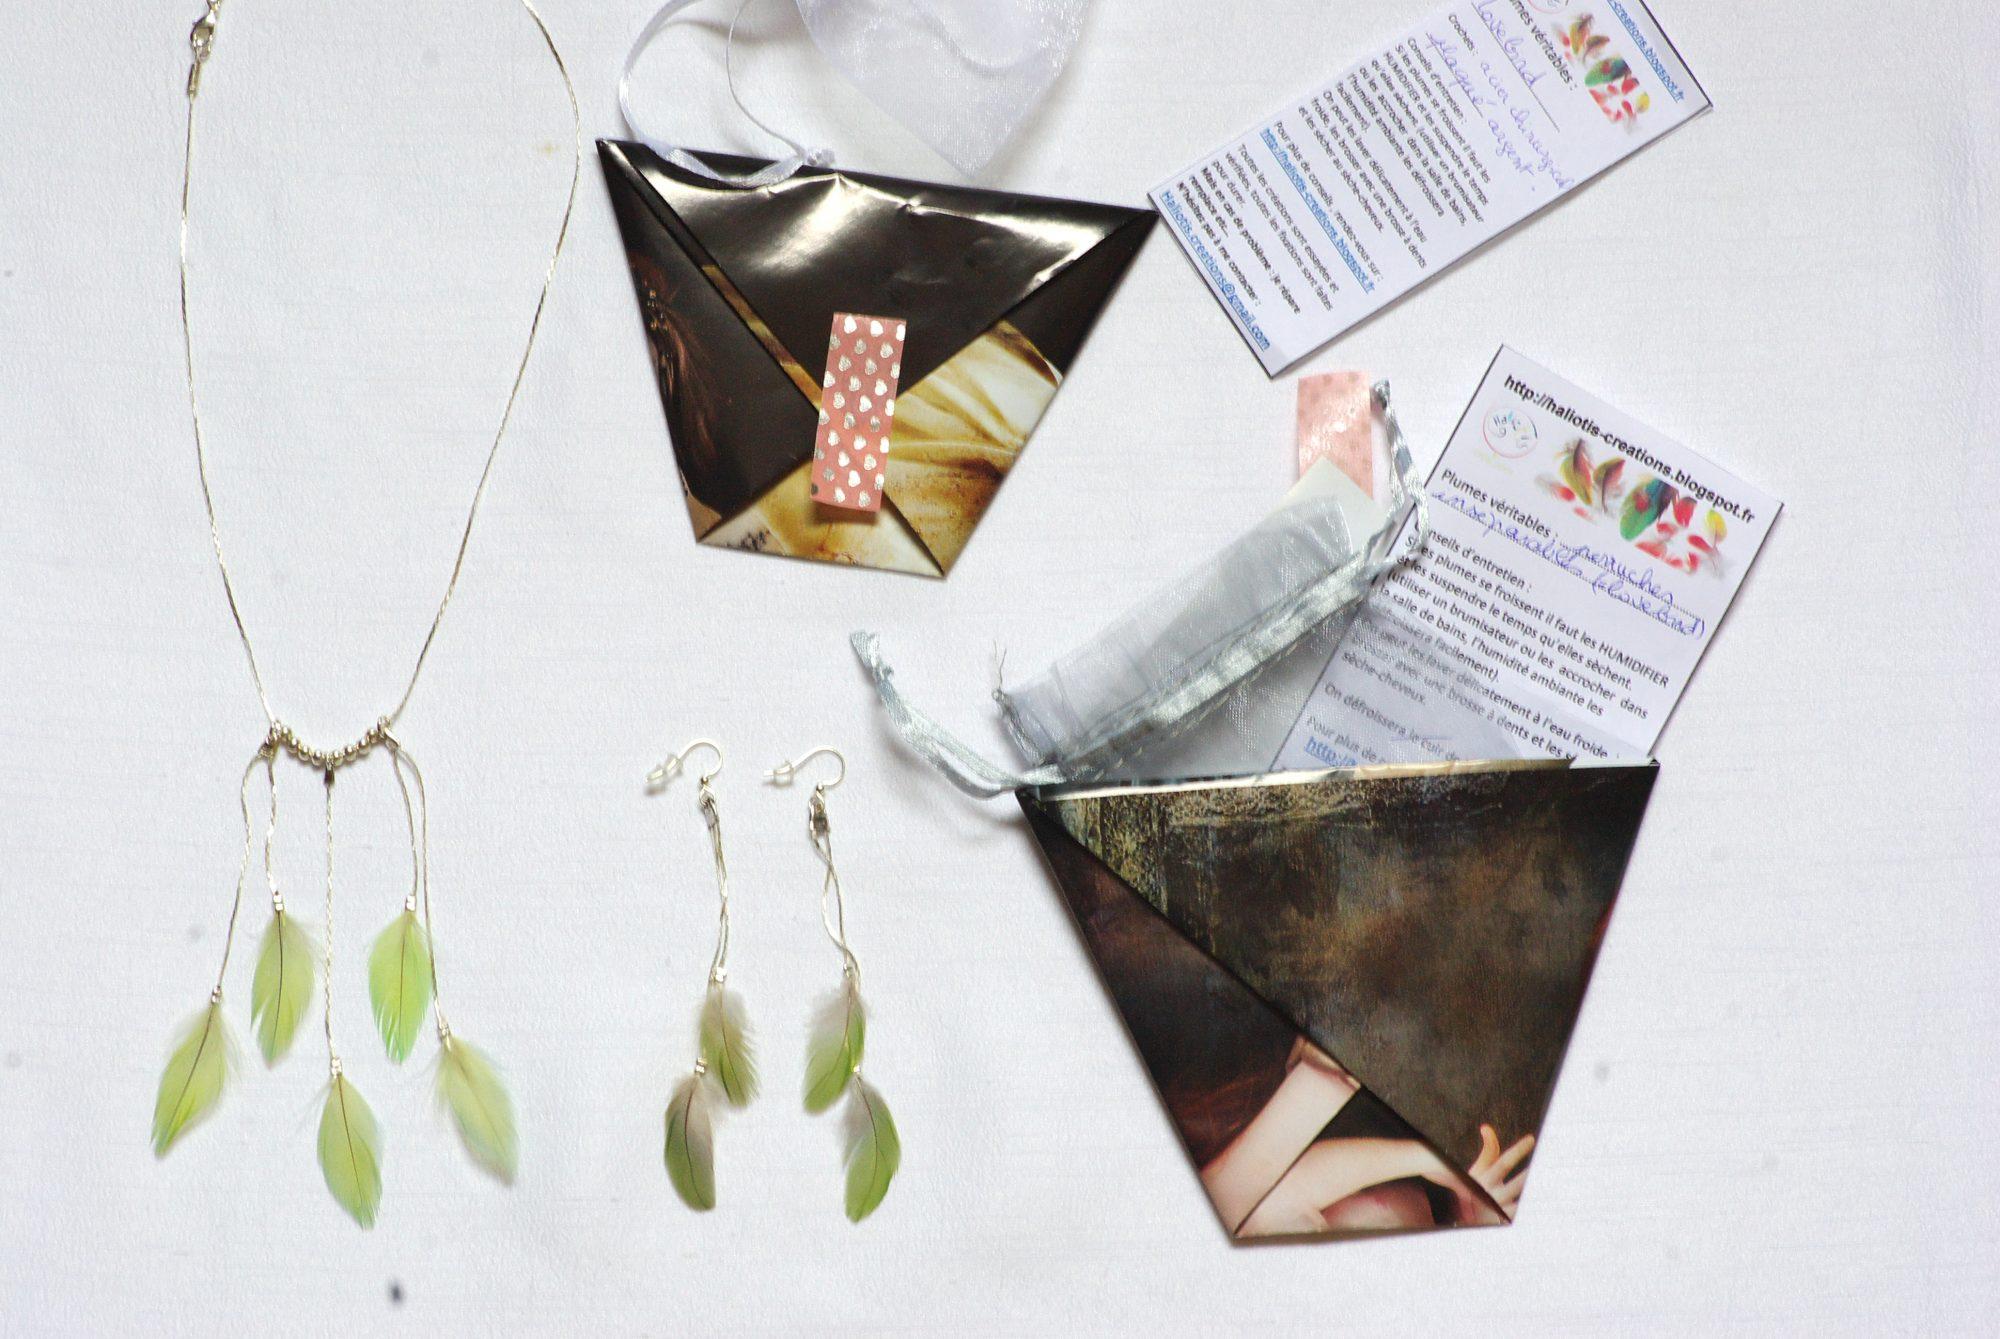 bijoux plumes et leur emballage origami. Accompagnés de leur fiche info